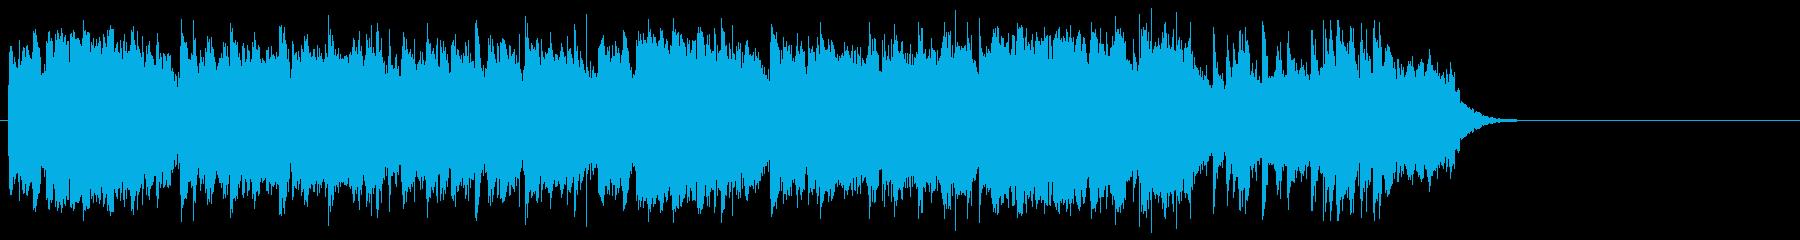 感動的で軽やかなポップ(サビ~エンド)の再生済みの波形